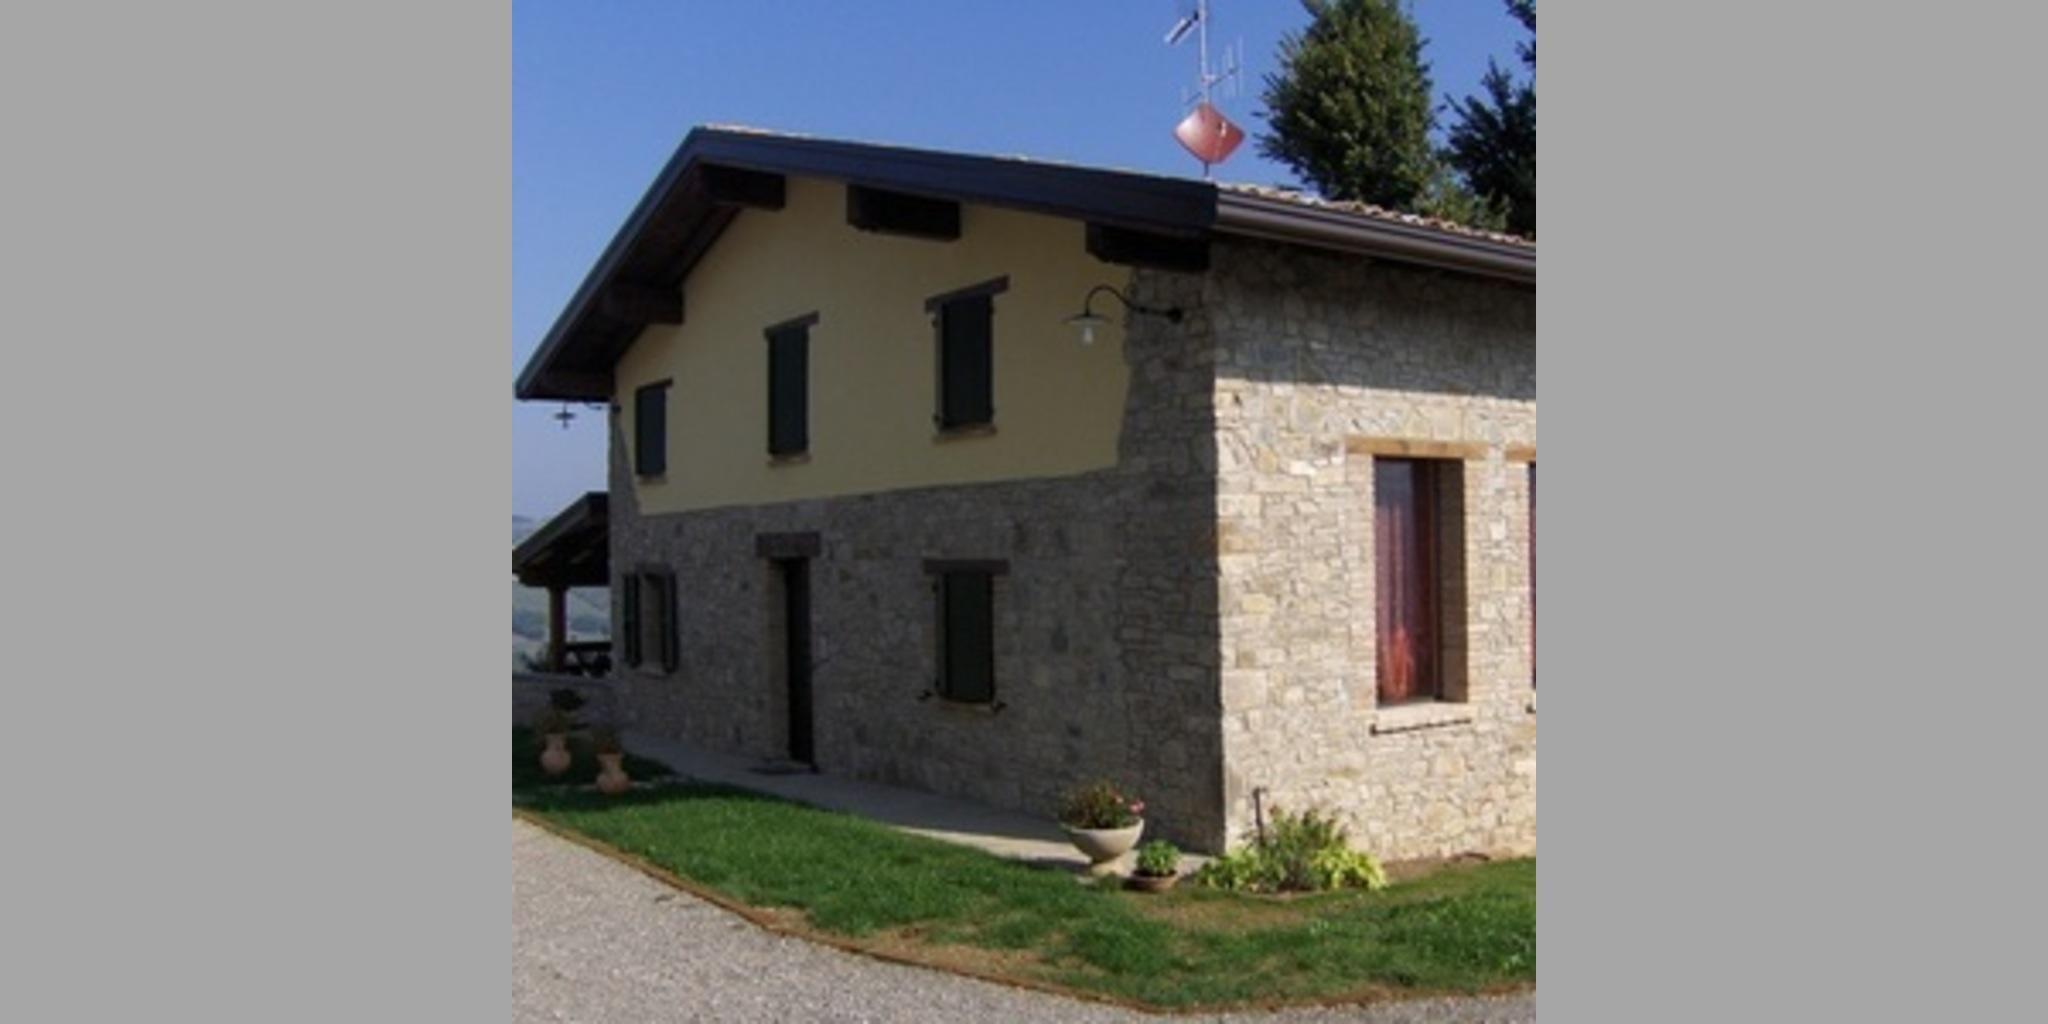 Guest House Canossa - Terre Di Canossa